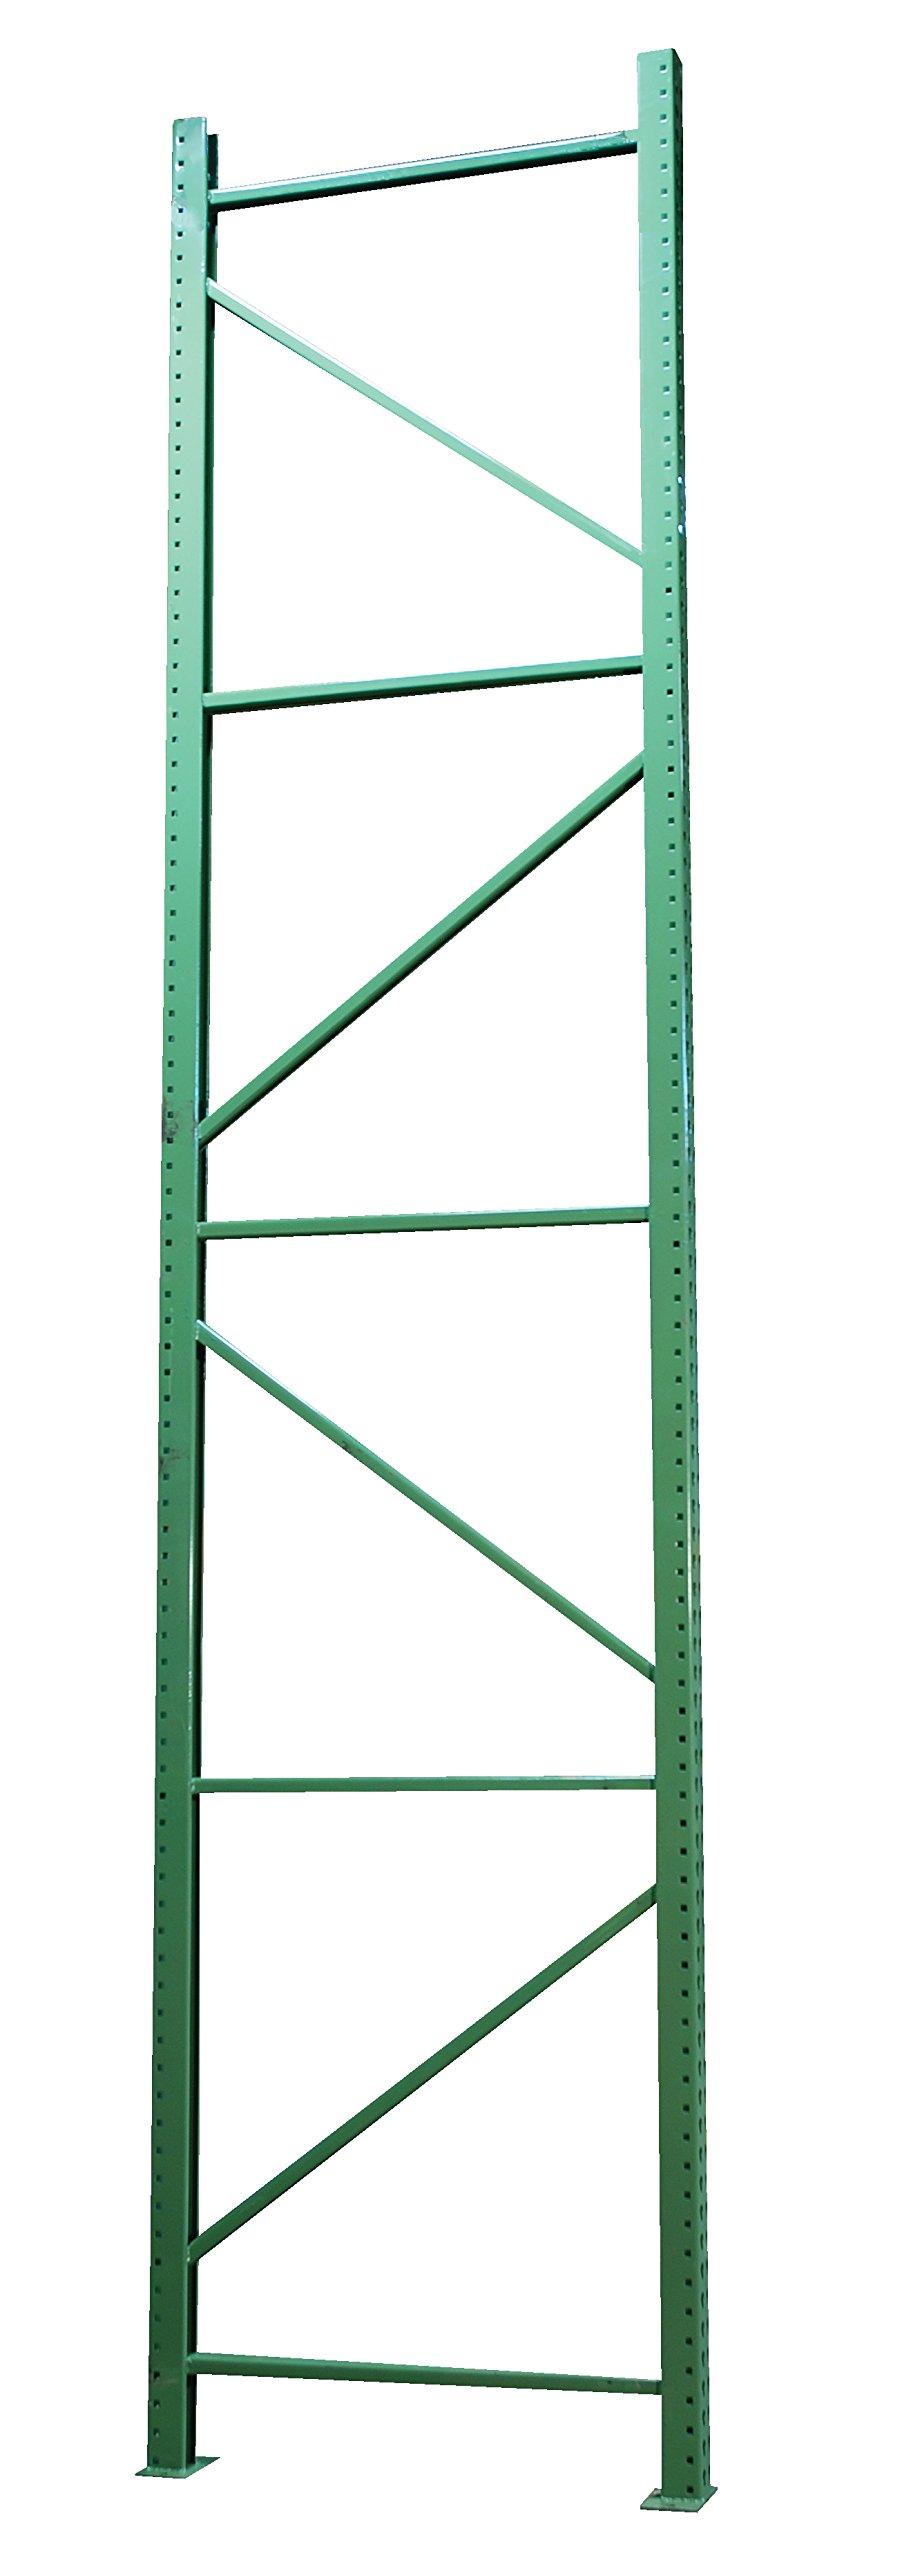 Vestil PRTD-12-42-19 Pallet Racking-Frame, 19380 lb. Capacity, 144'' x 42'', Blue